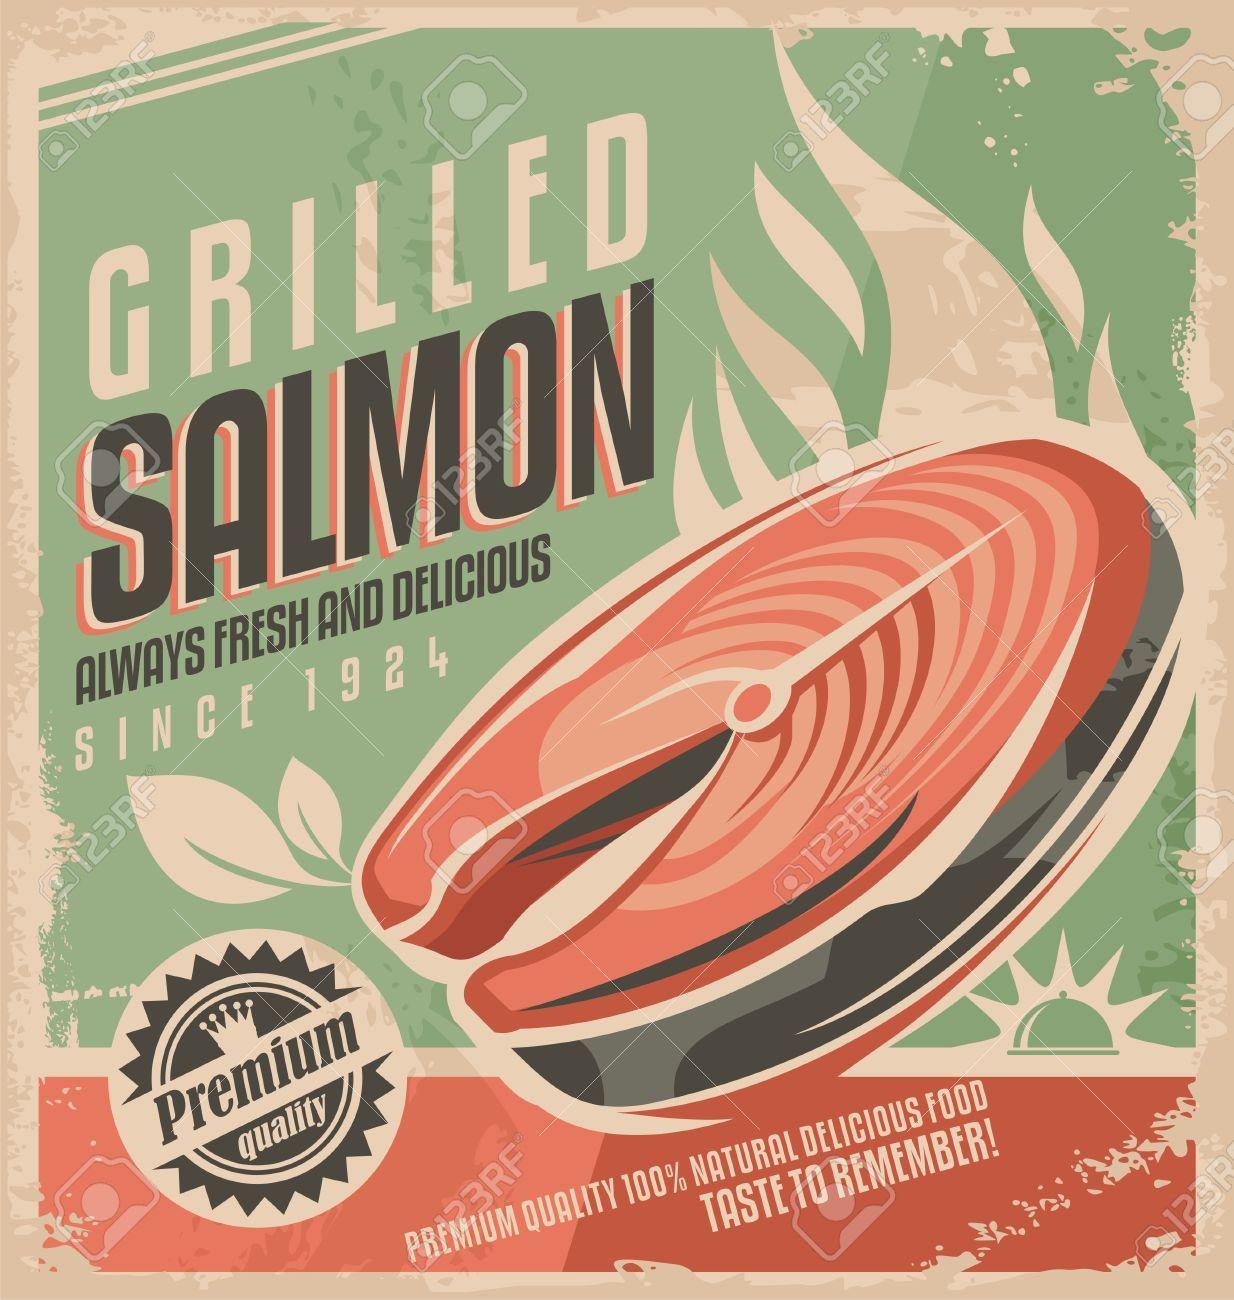 Design poster retro - 43847007 Grilled Salmon Retro Poster Design Stock Vector